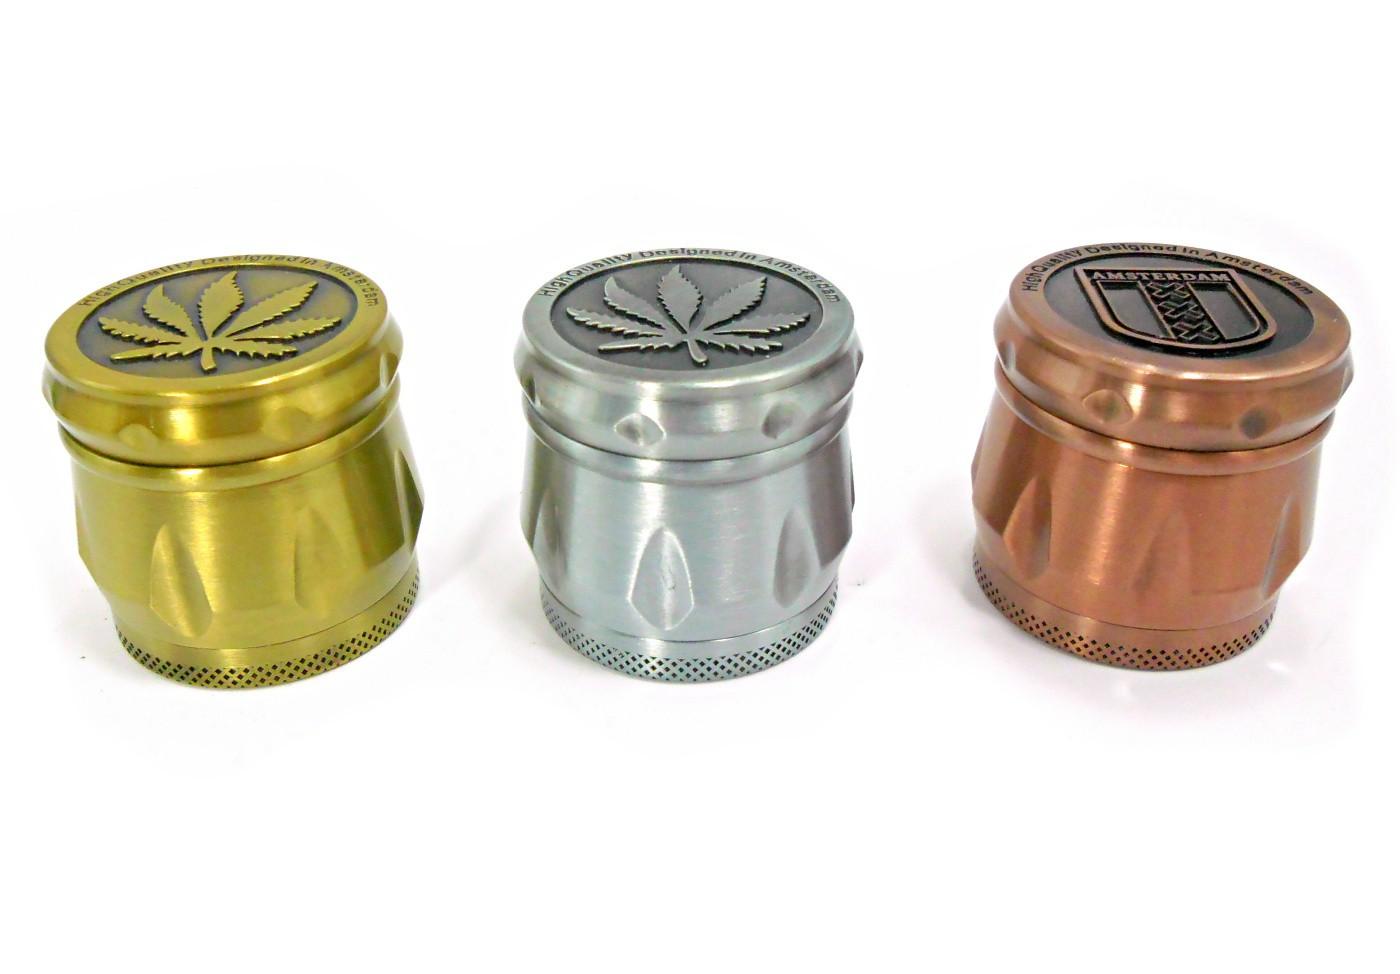 Desfiador / dichavador de tabaco em metal, MÉDIO, bifásico (com compartimento rosqueado) decoração AMSTERDAM 420